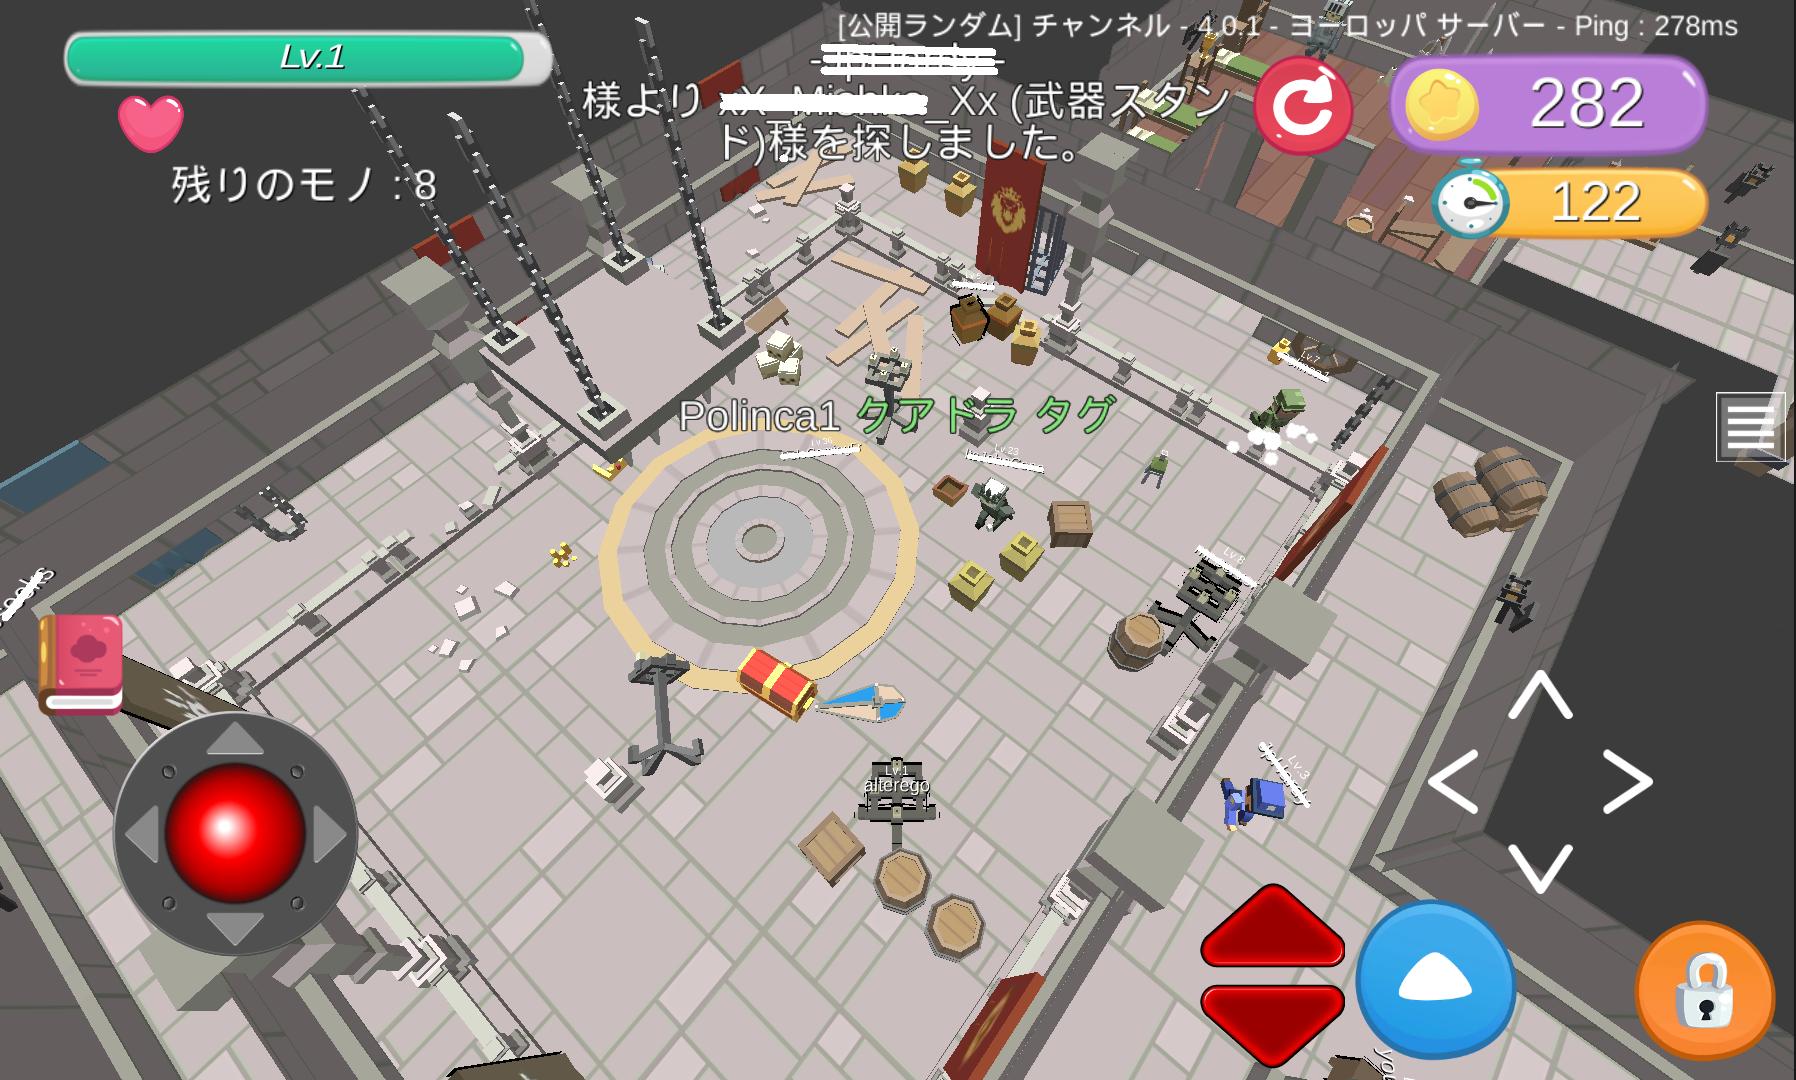 隠れん坊 オンライン androidアプリスクリーンショット1